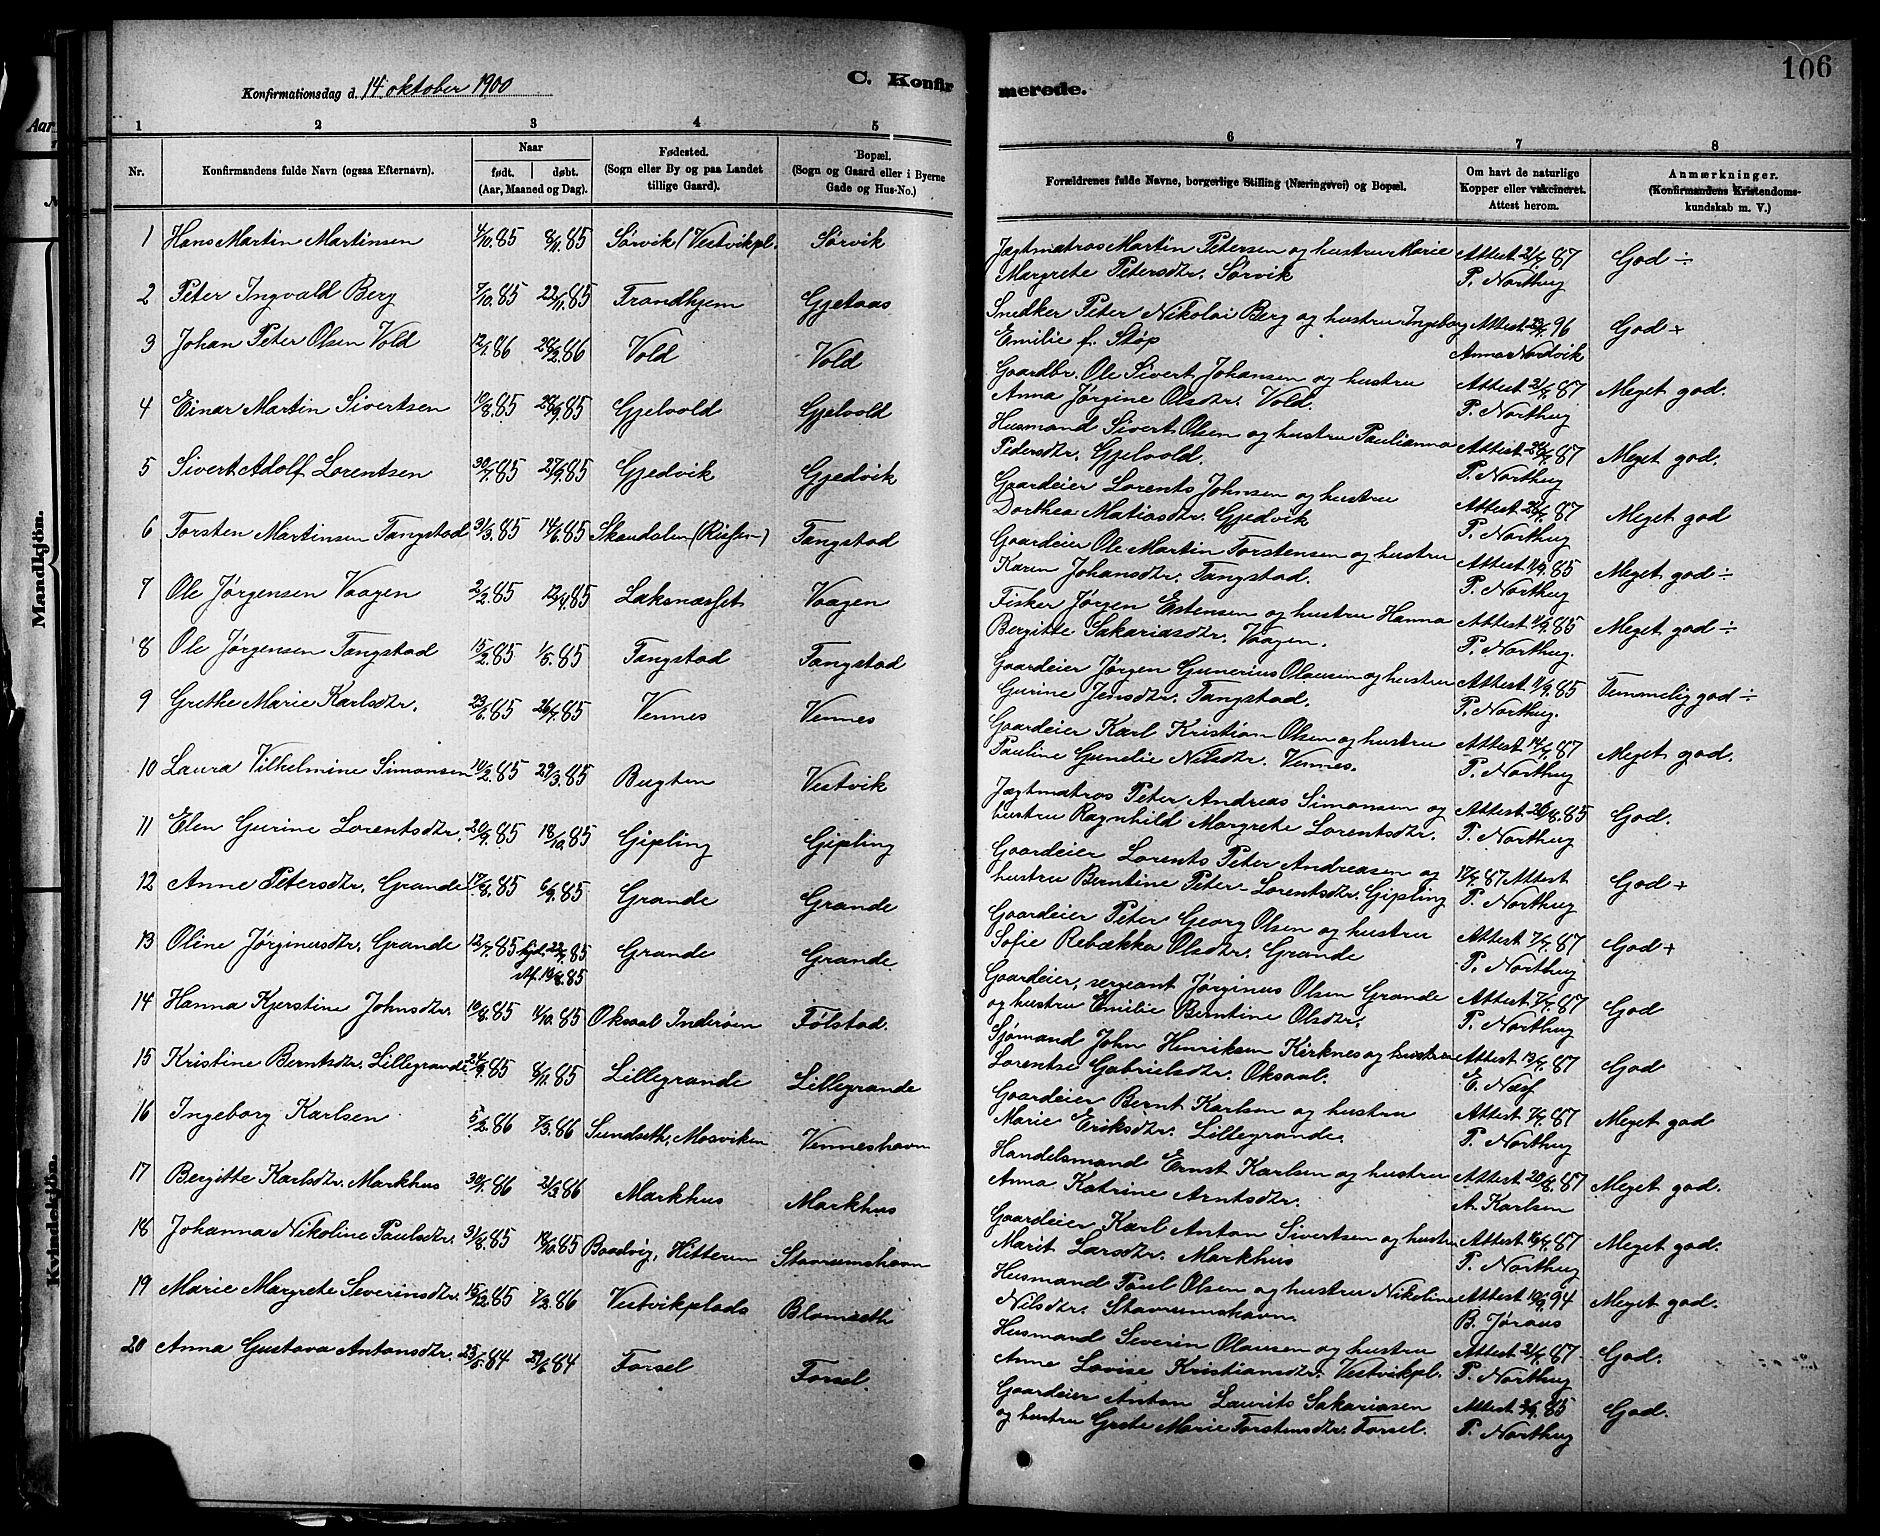 SAT, Ministerialprotokoller, klokkerbøker og fødselsregistre - Nord-Trøndelag, 744/L0423: Klokkerbok nr. 744C02, 1886-1905, s. 106